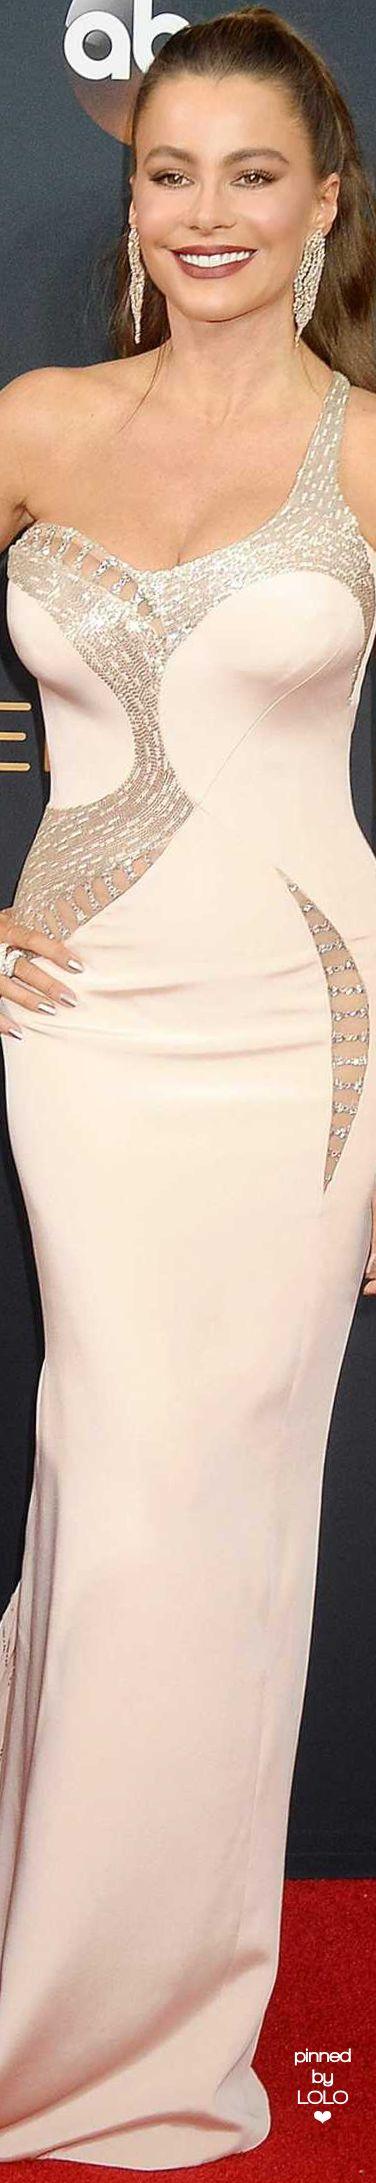 Sofia Verfara in Versace   LOLO❤︎